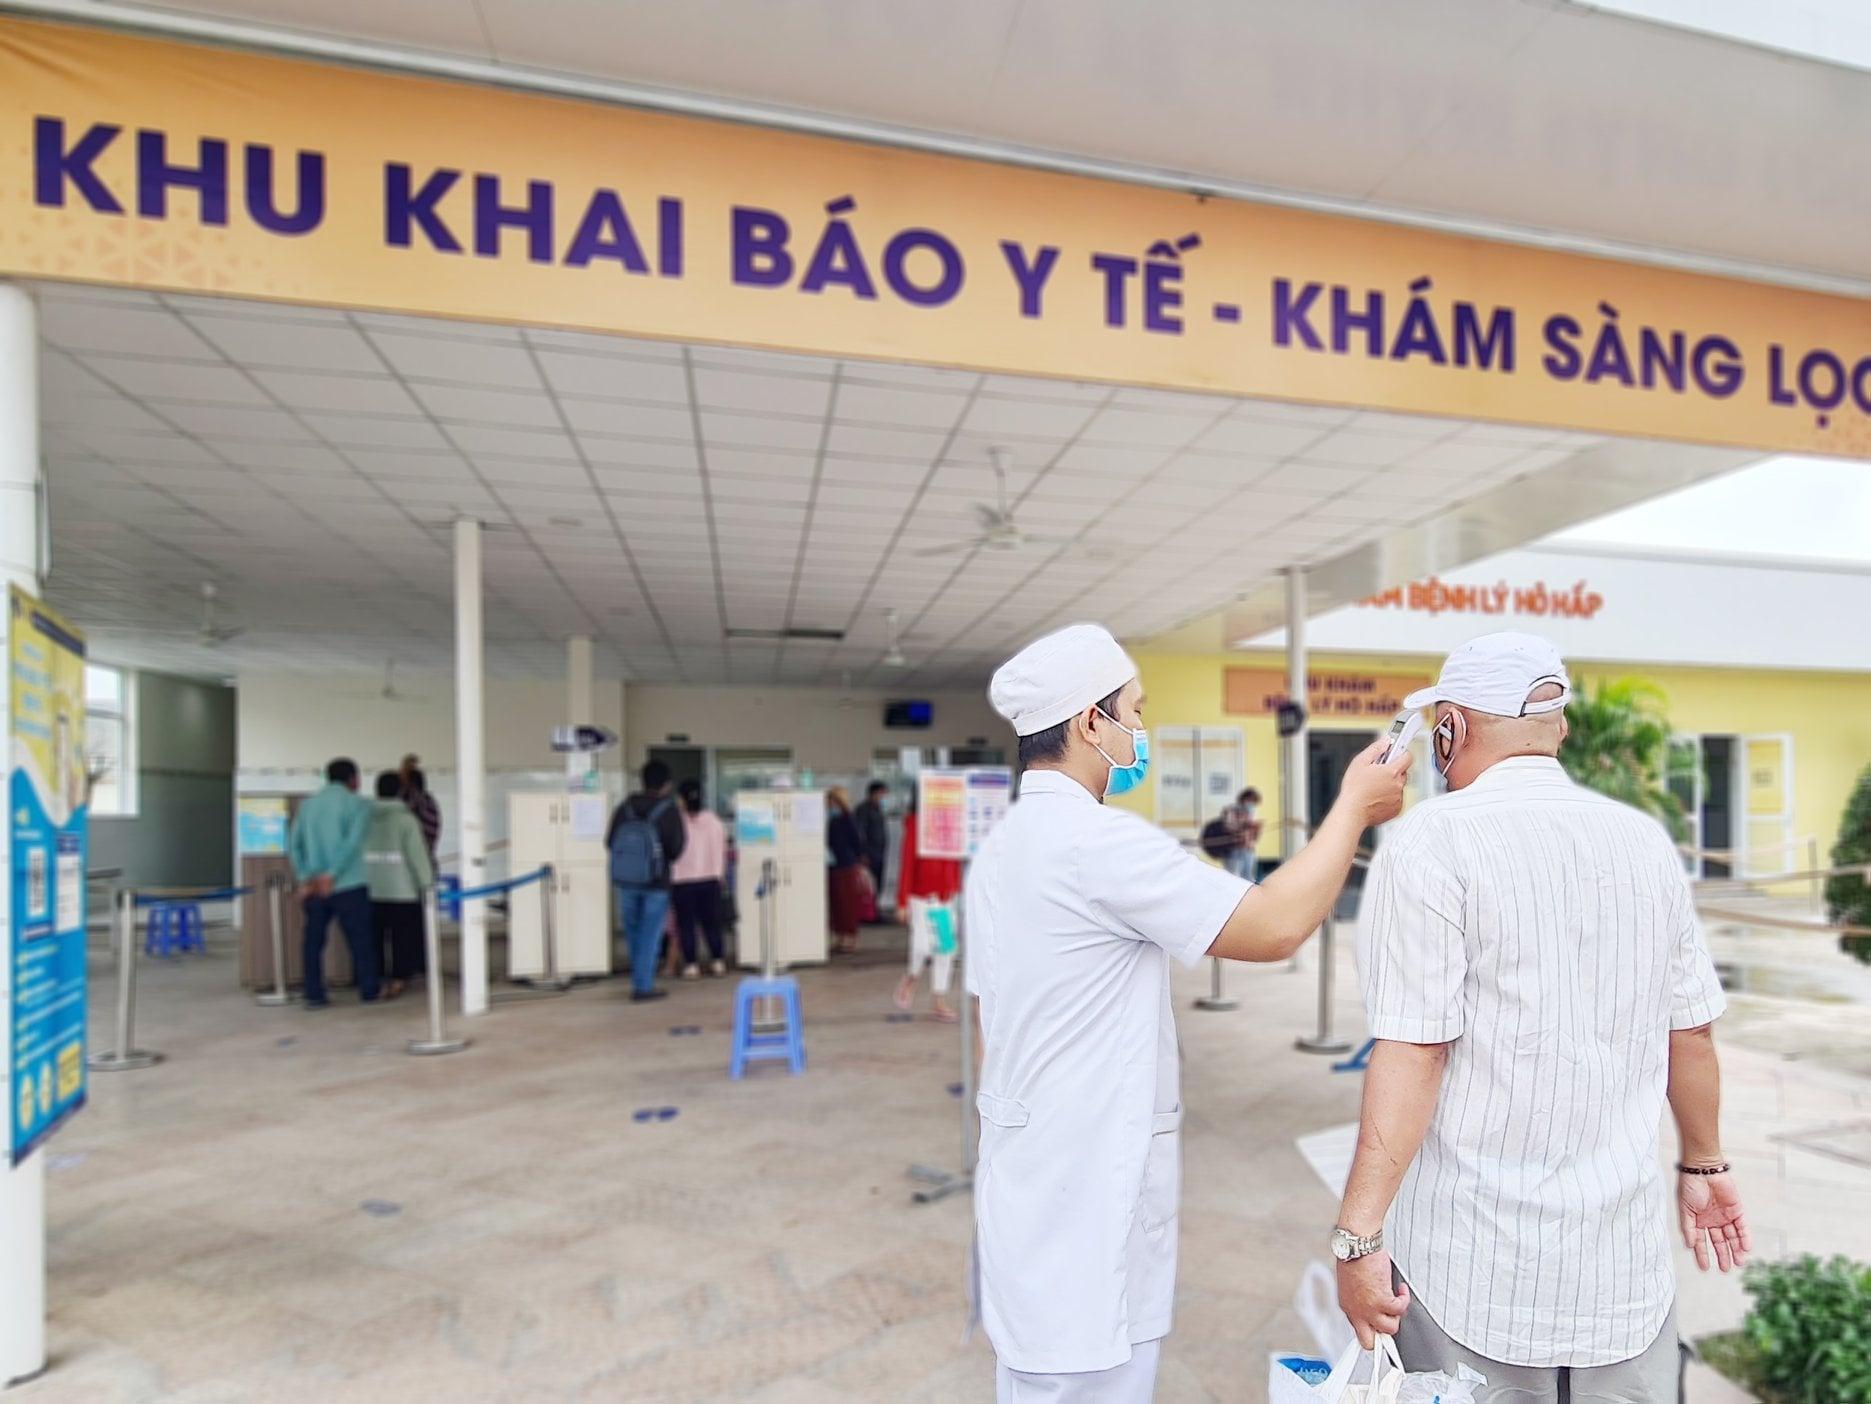 Bệnh viện Xuyên Á cho biết phân luồng, tầm soát bệnh nhân ngay từ cổng